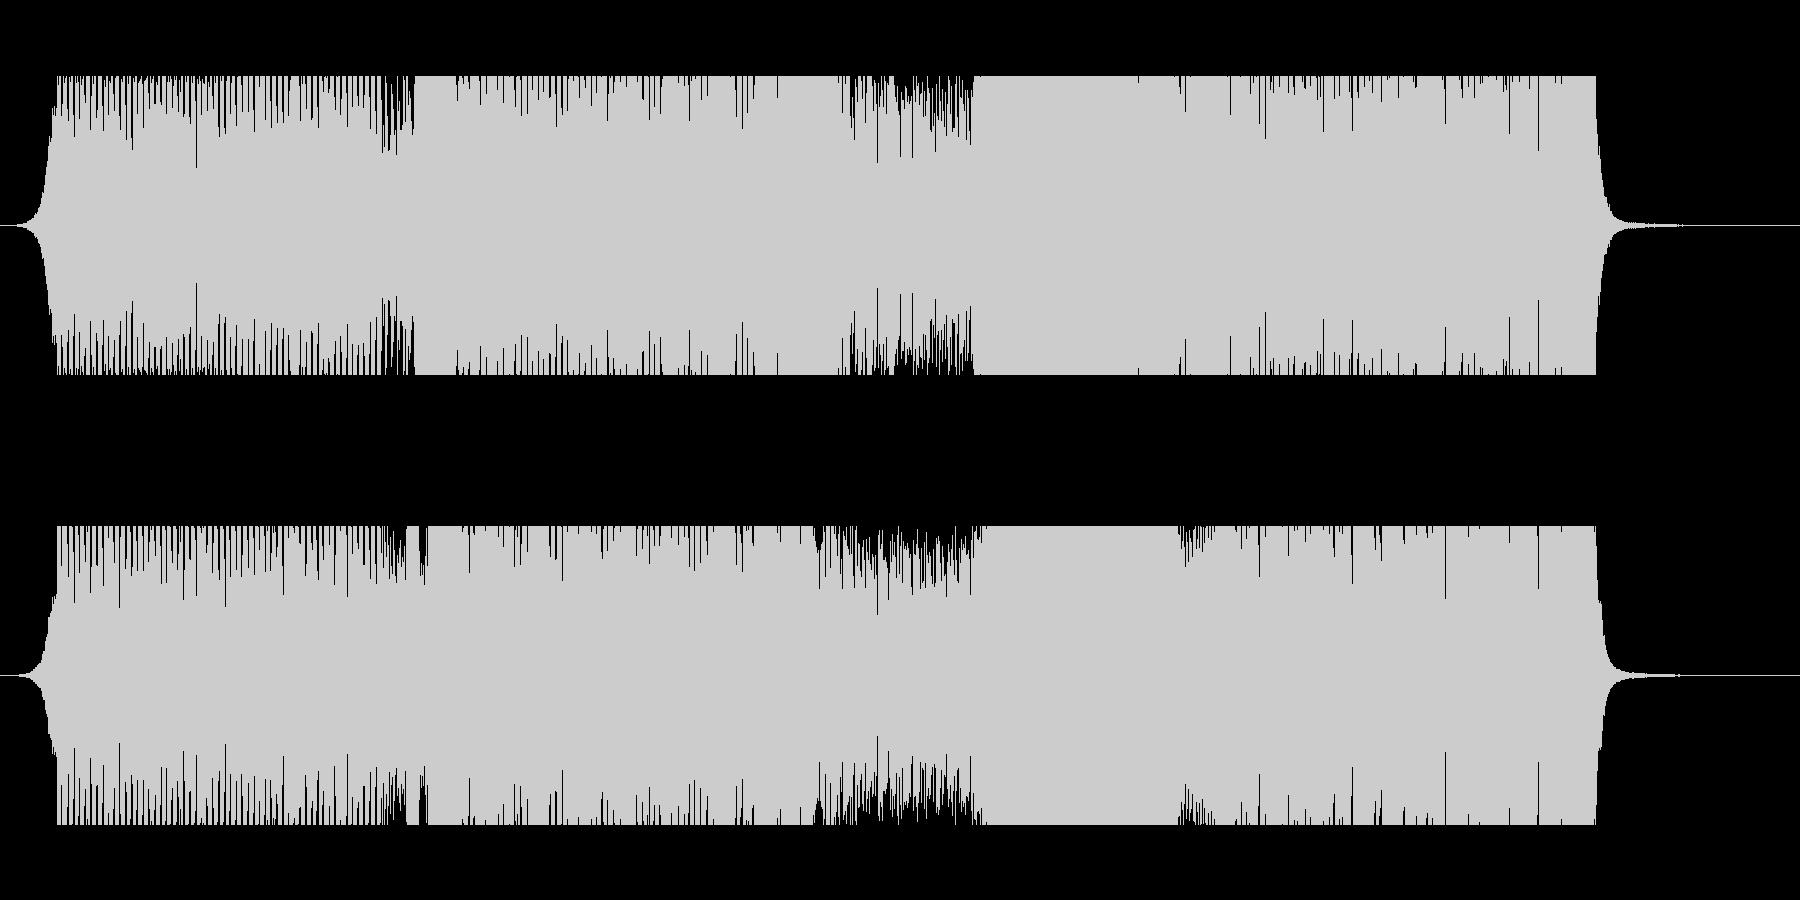 イベント会場などで流す映像用のEDM楽曲の未再生の波形